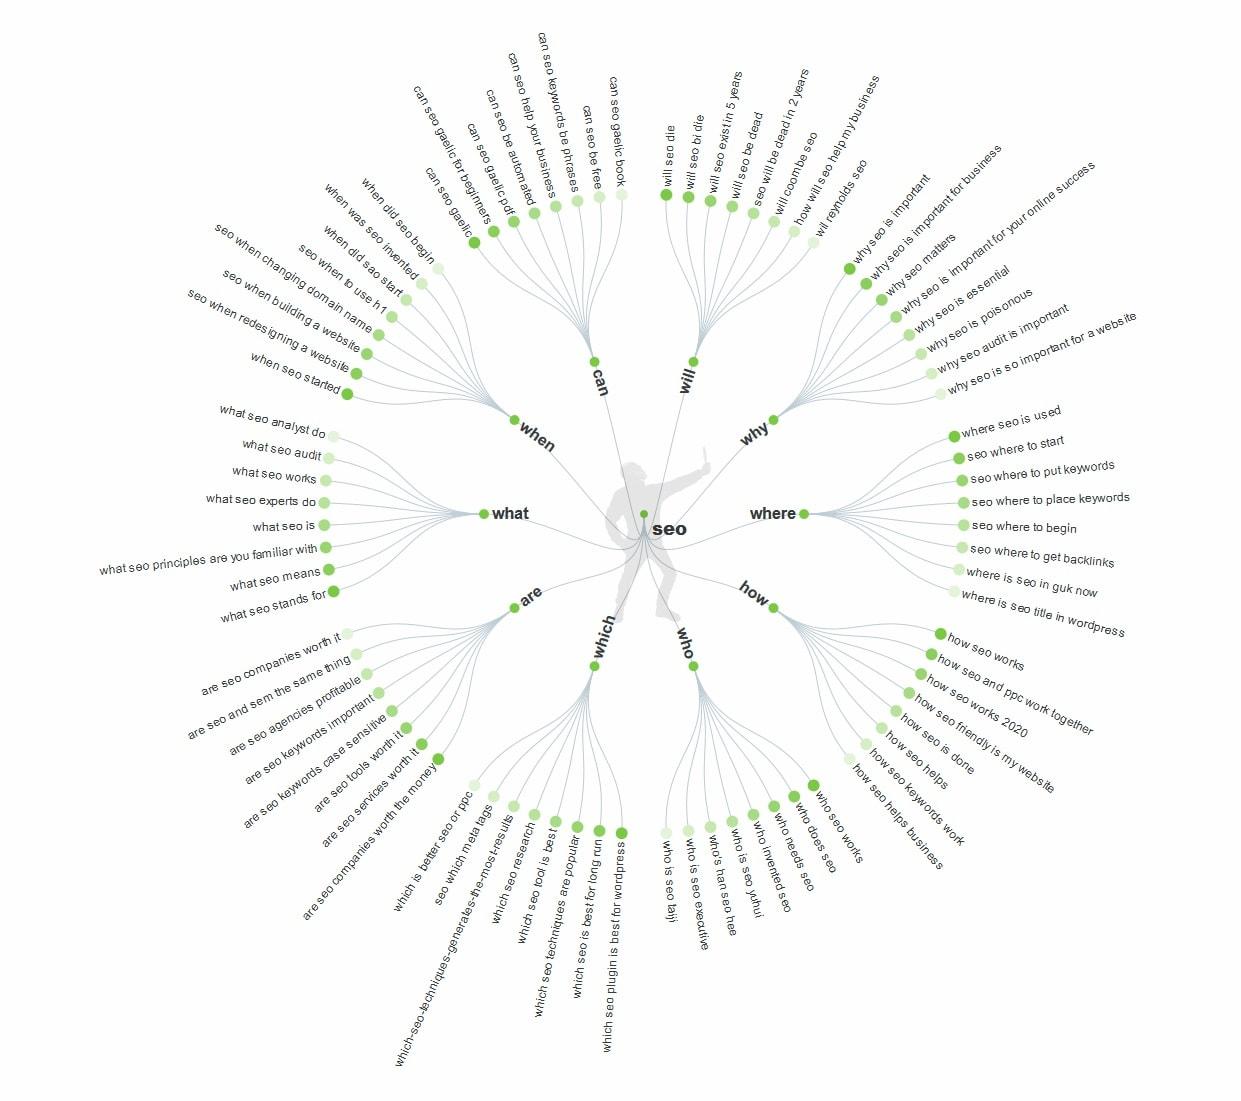 تحقیق کلمات کلیدی برای جستجوی صوتی